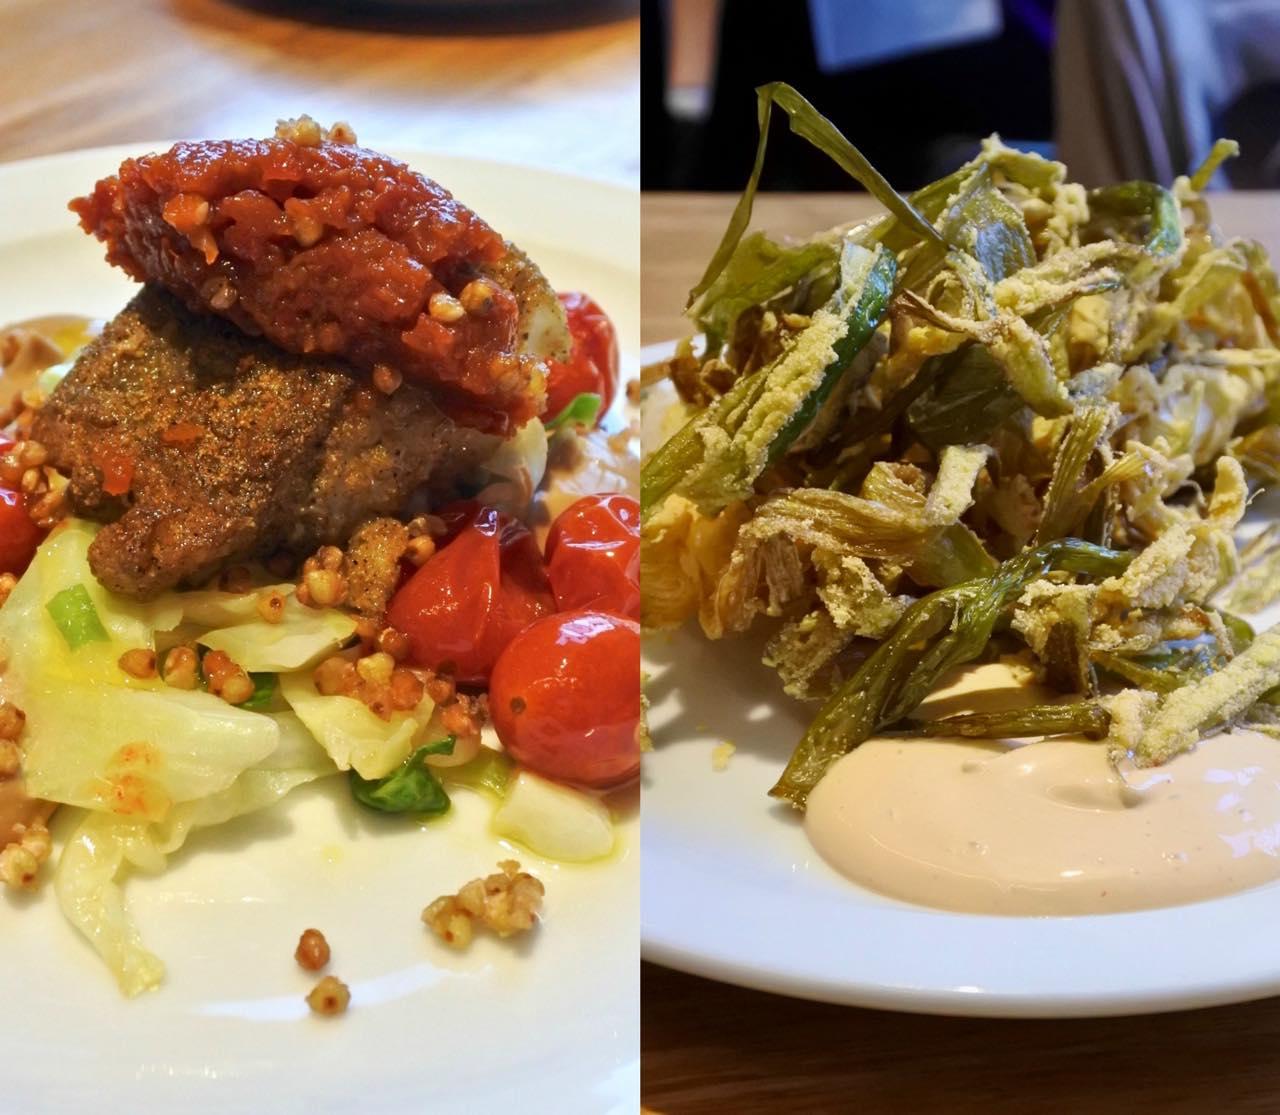 スプリング・オニオンにコーンミールをまぶして揚げた一品はここの名物の一つ。左は白身魚の料理。美味しいです!